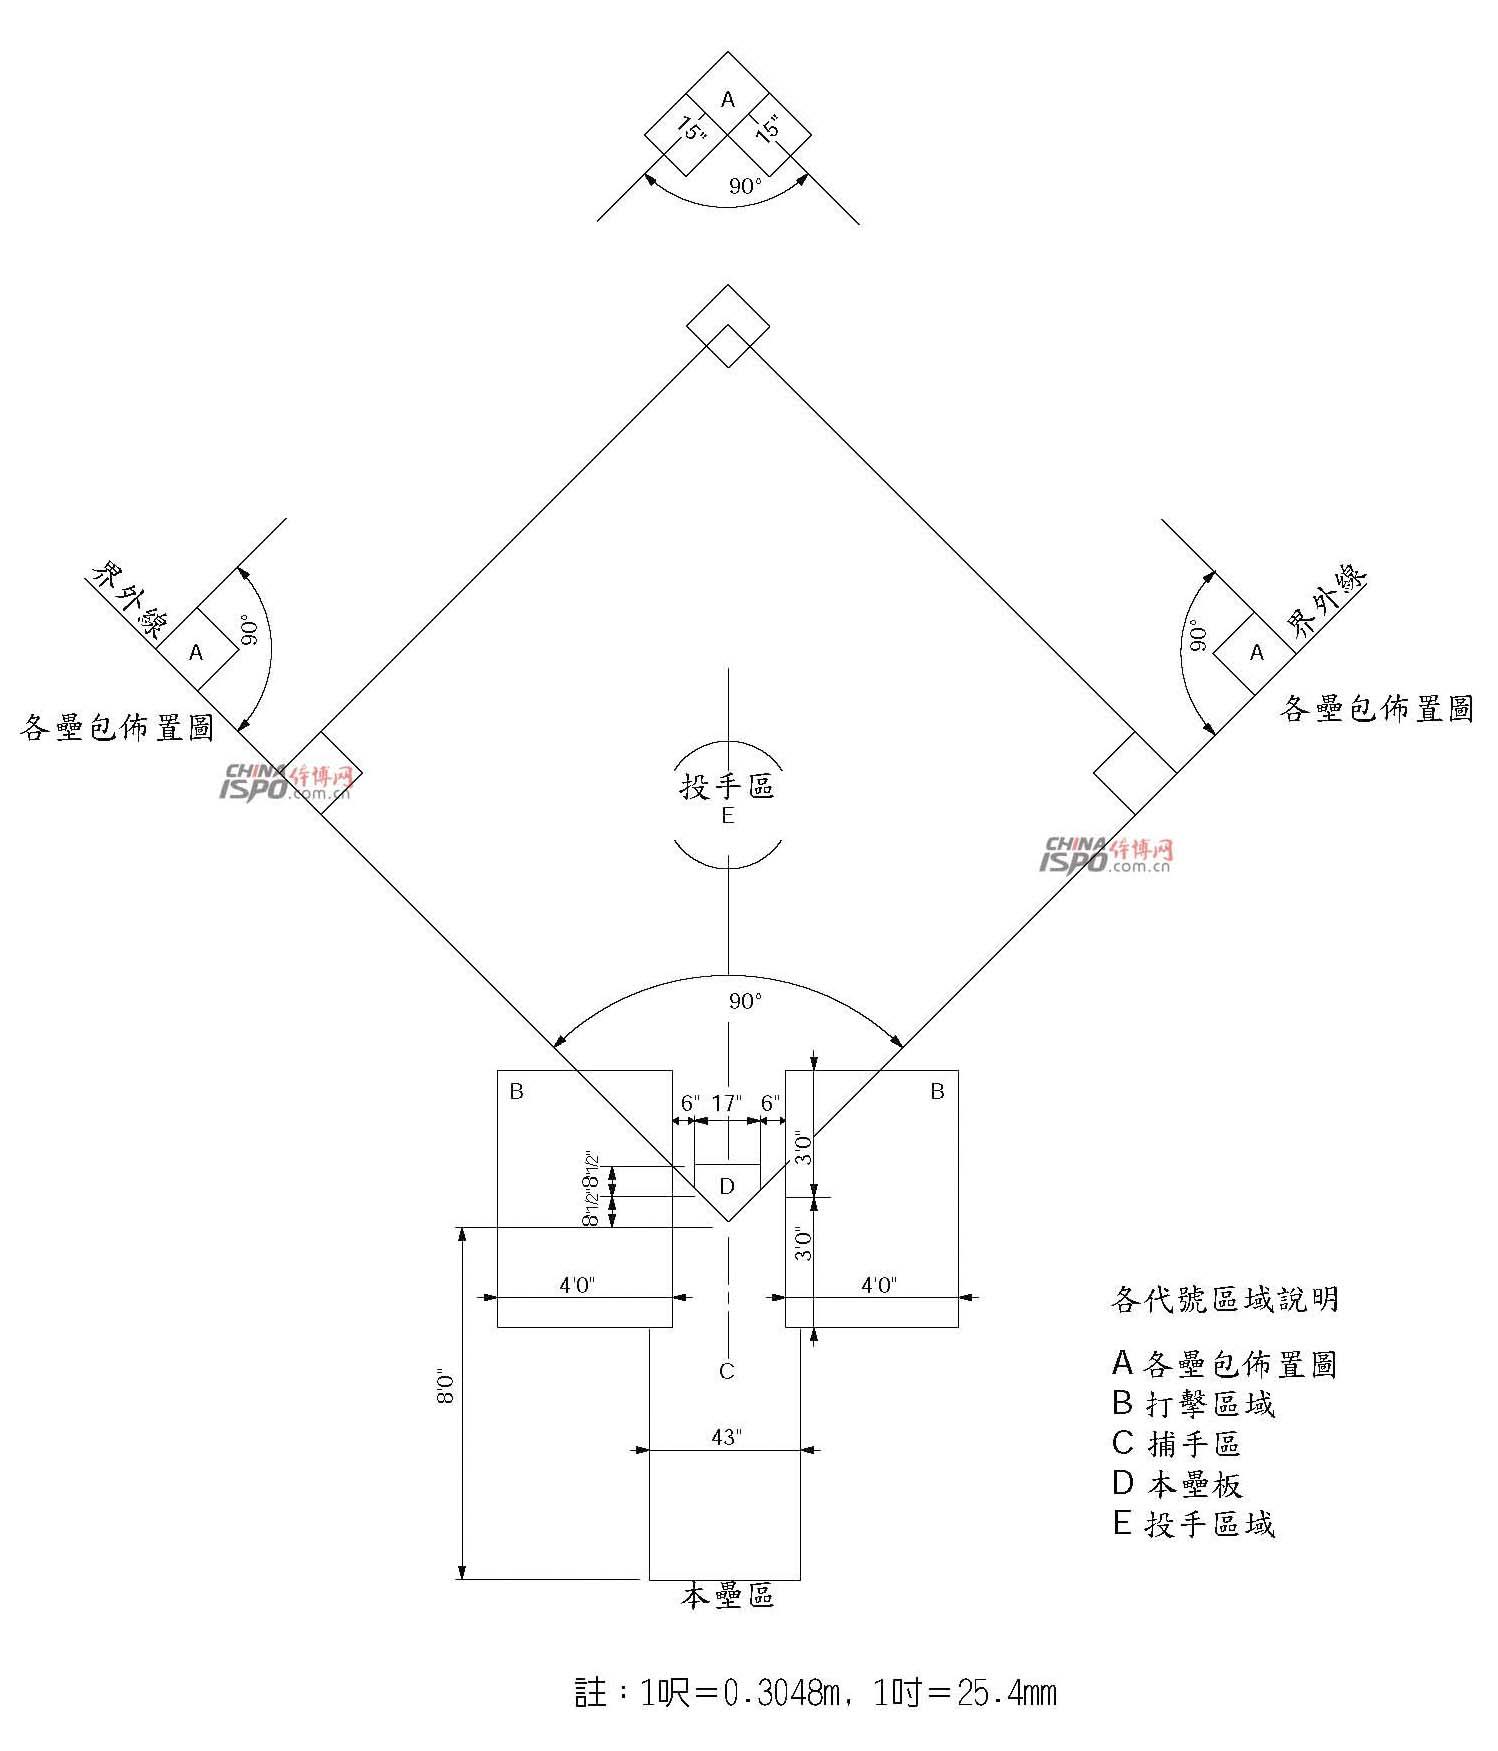 图2 棒球场内野布置图—2